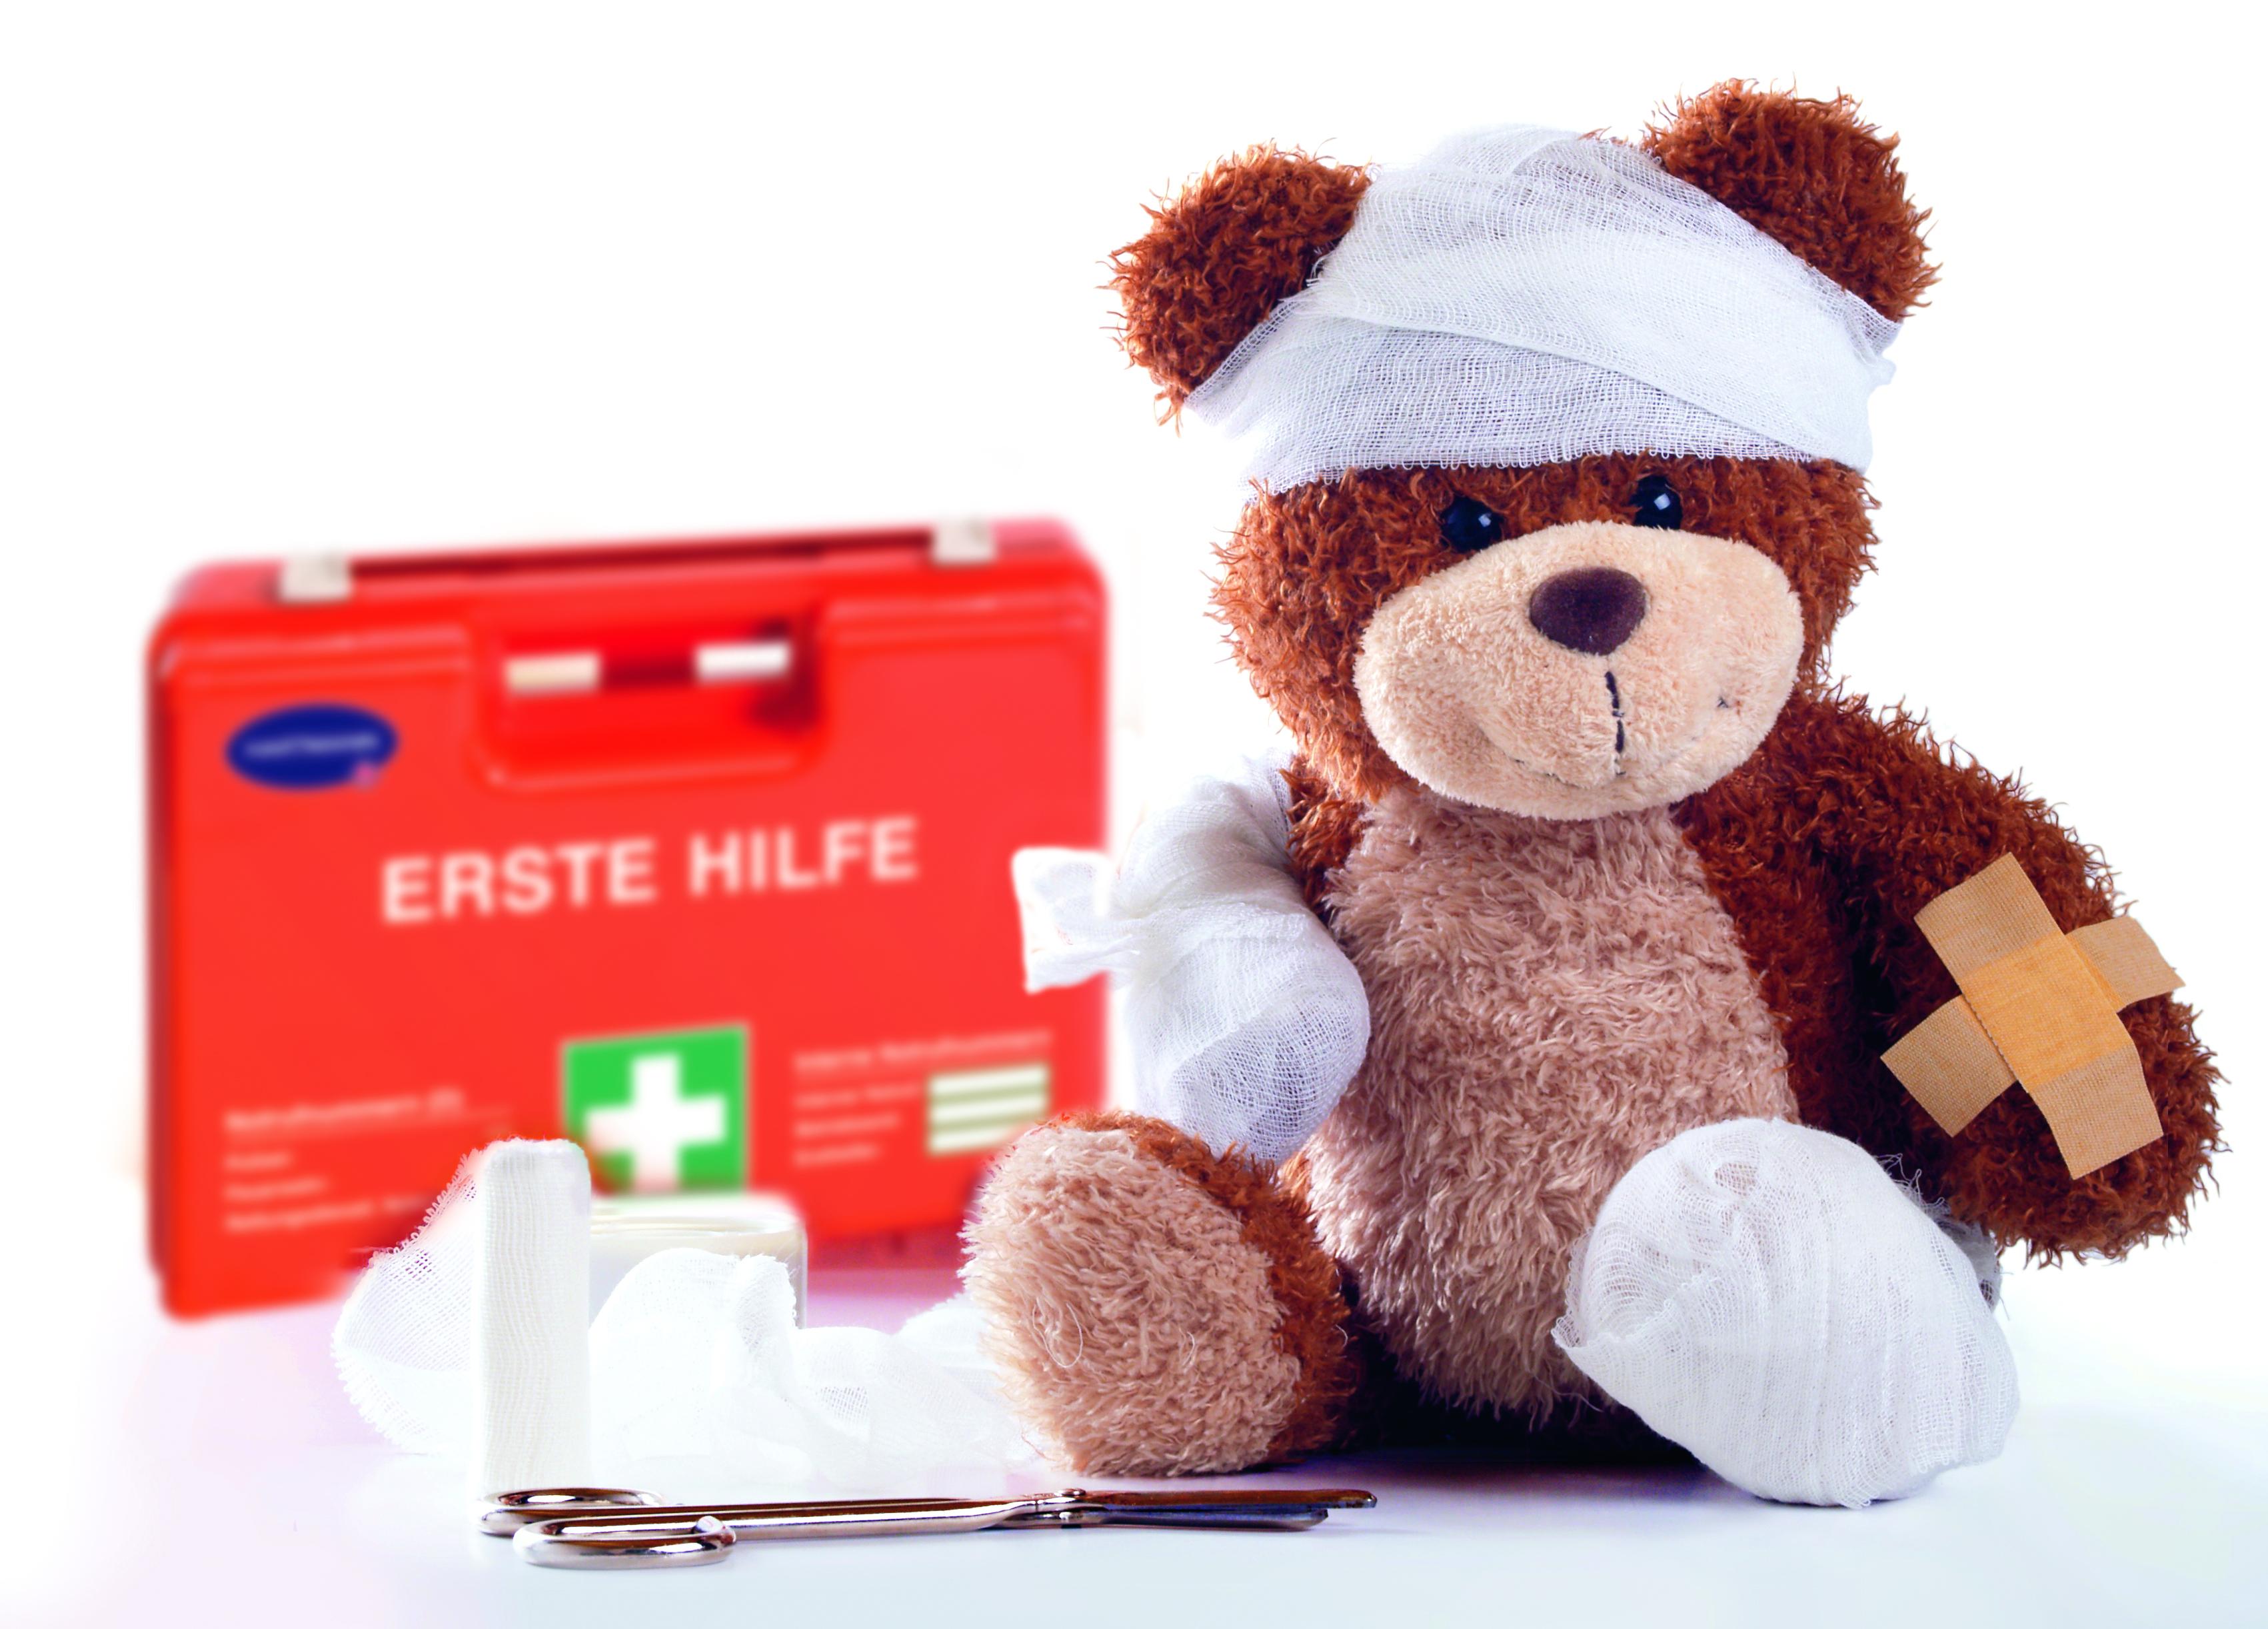 Erste Hilfe in Kindertagesstätten